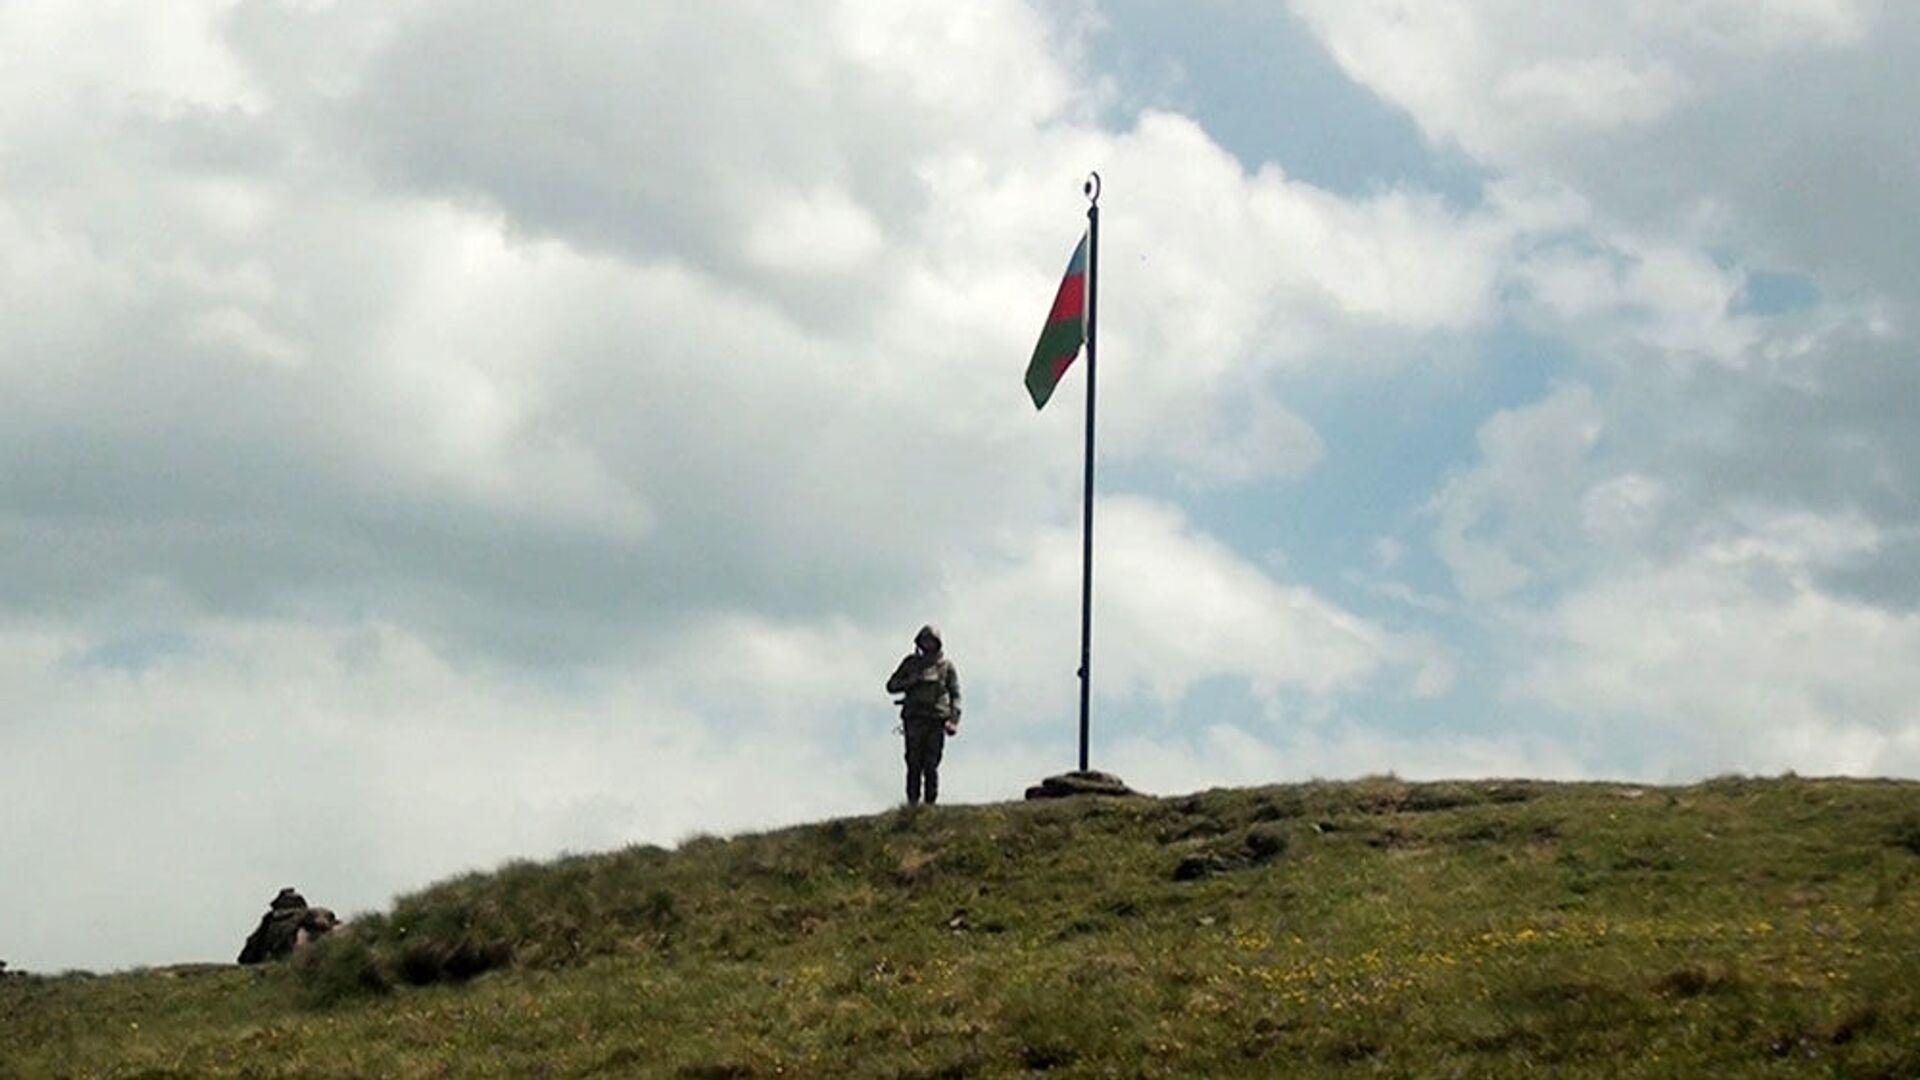 Азербайджанский военнослужащий на боевой позиции, фото из архива  - Sputnik Азербайджан, 1920, 26.08.2021